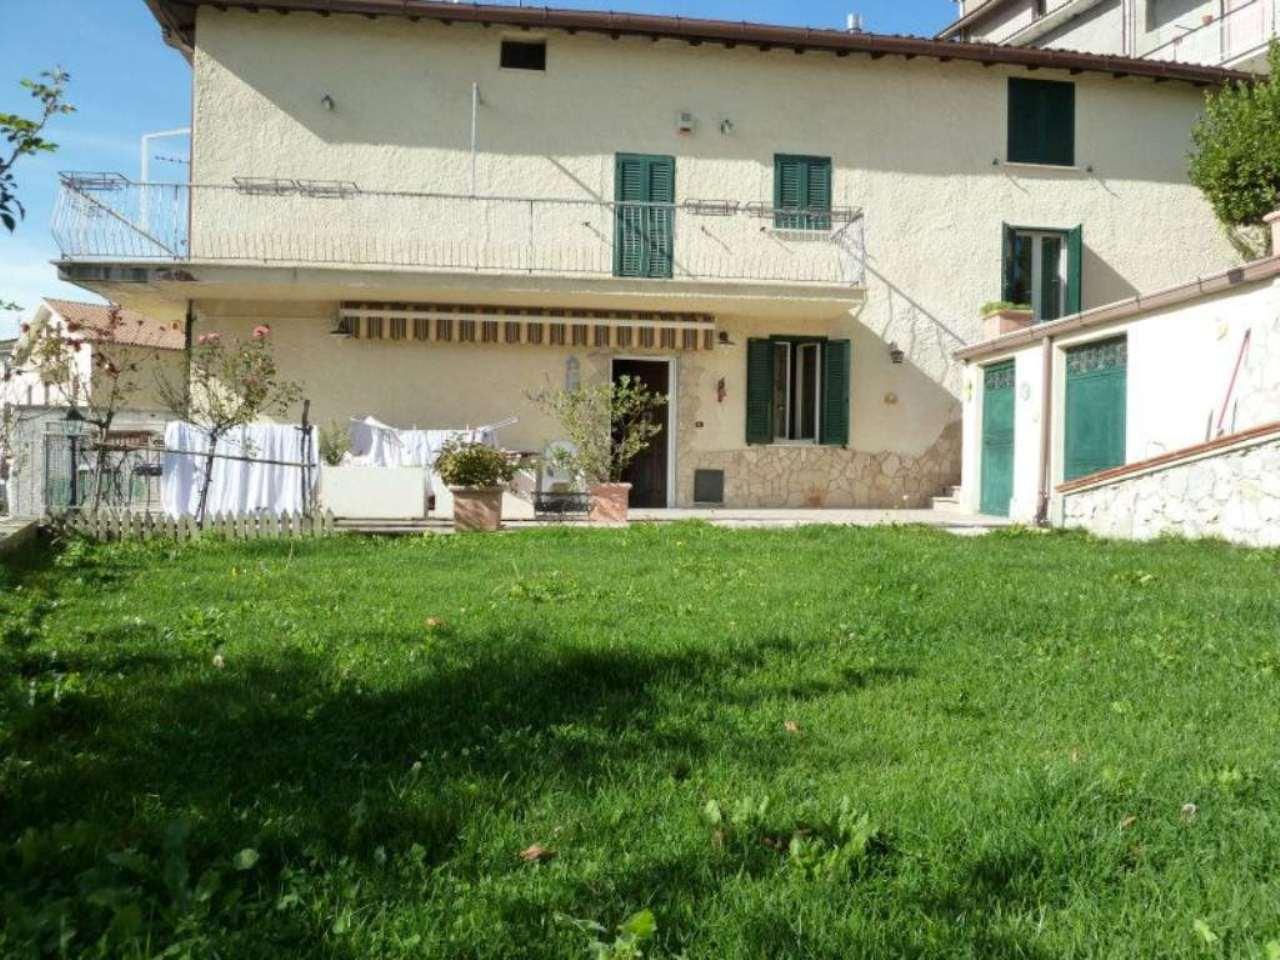 Soluzione Indipendente in vendita a Nespolo, 9 locali, prezzo € 80.000 | CambioCasa.it